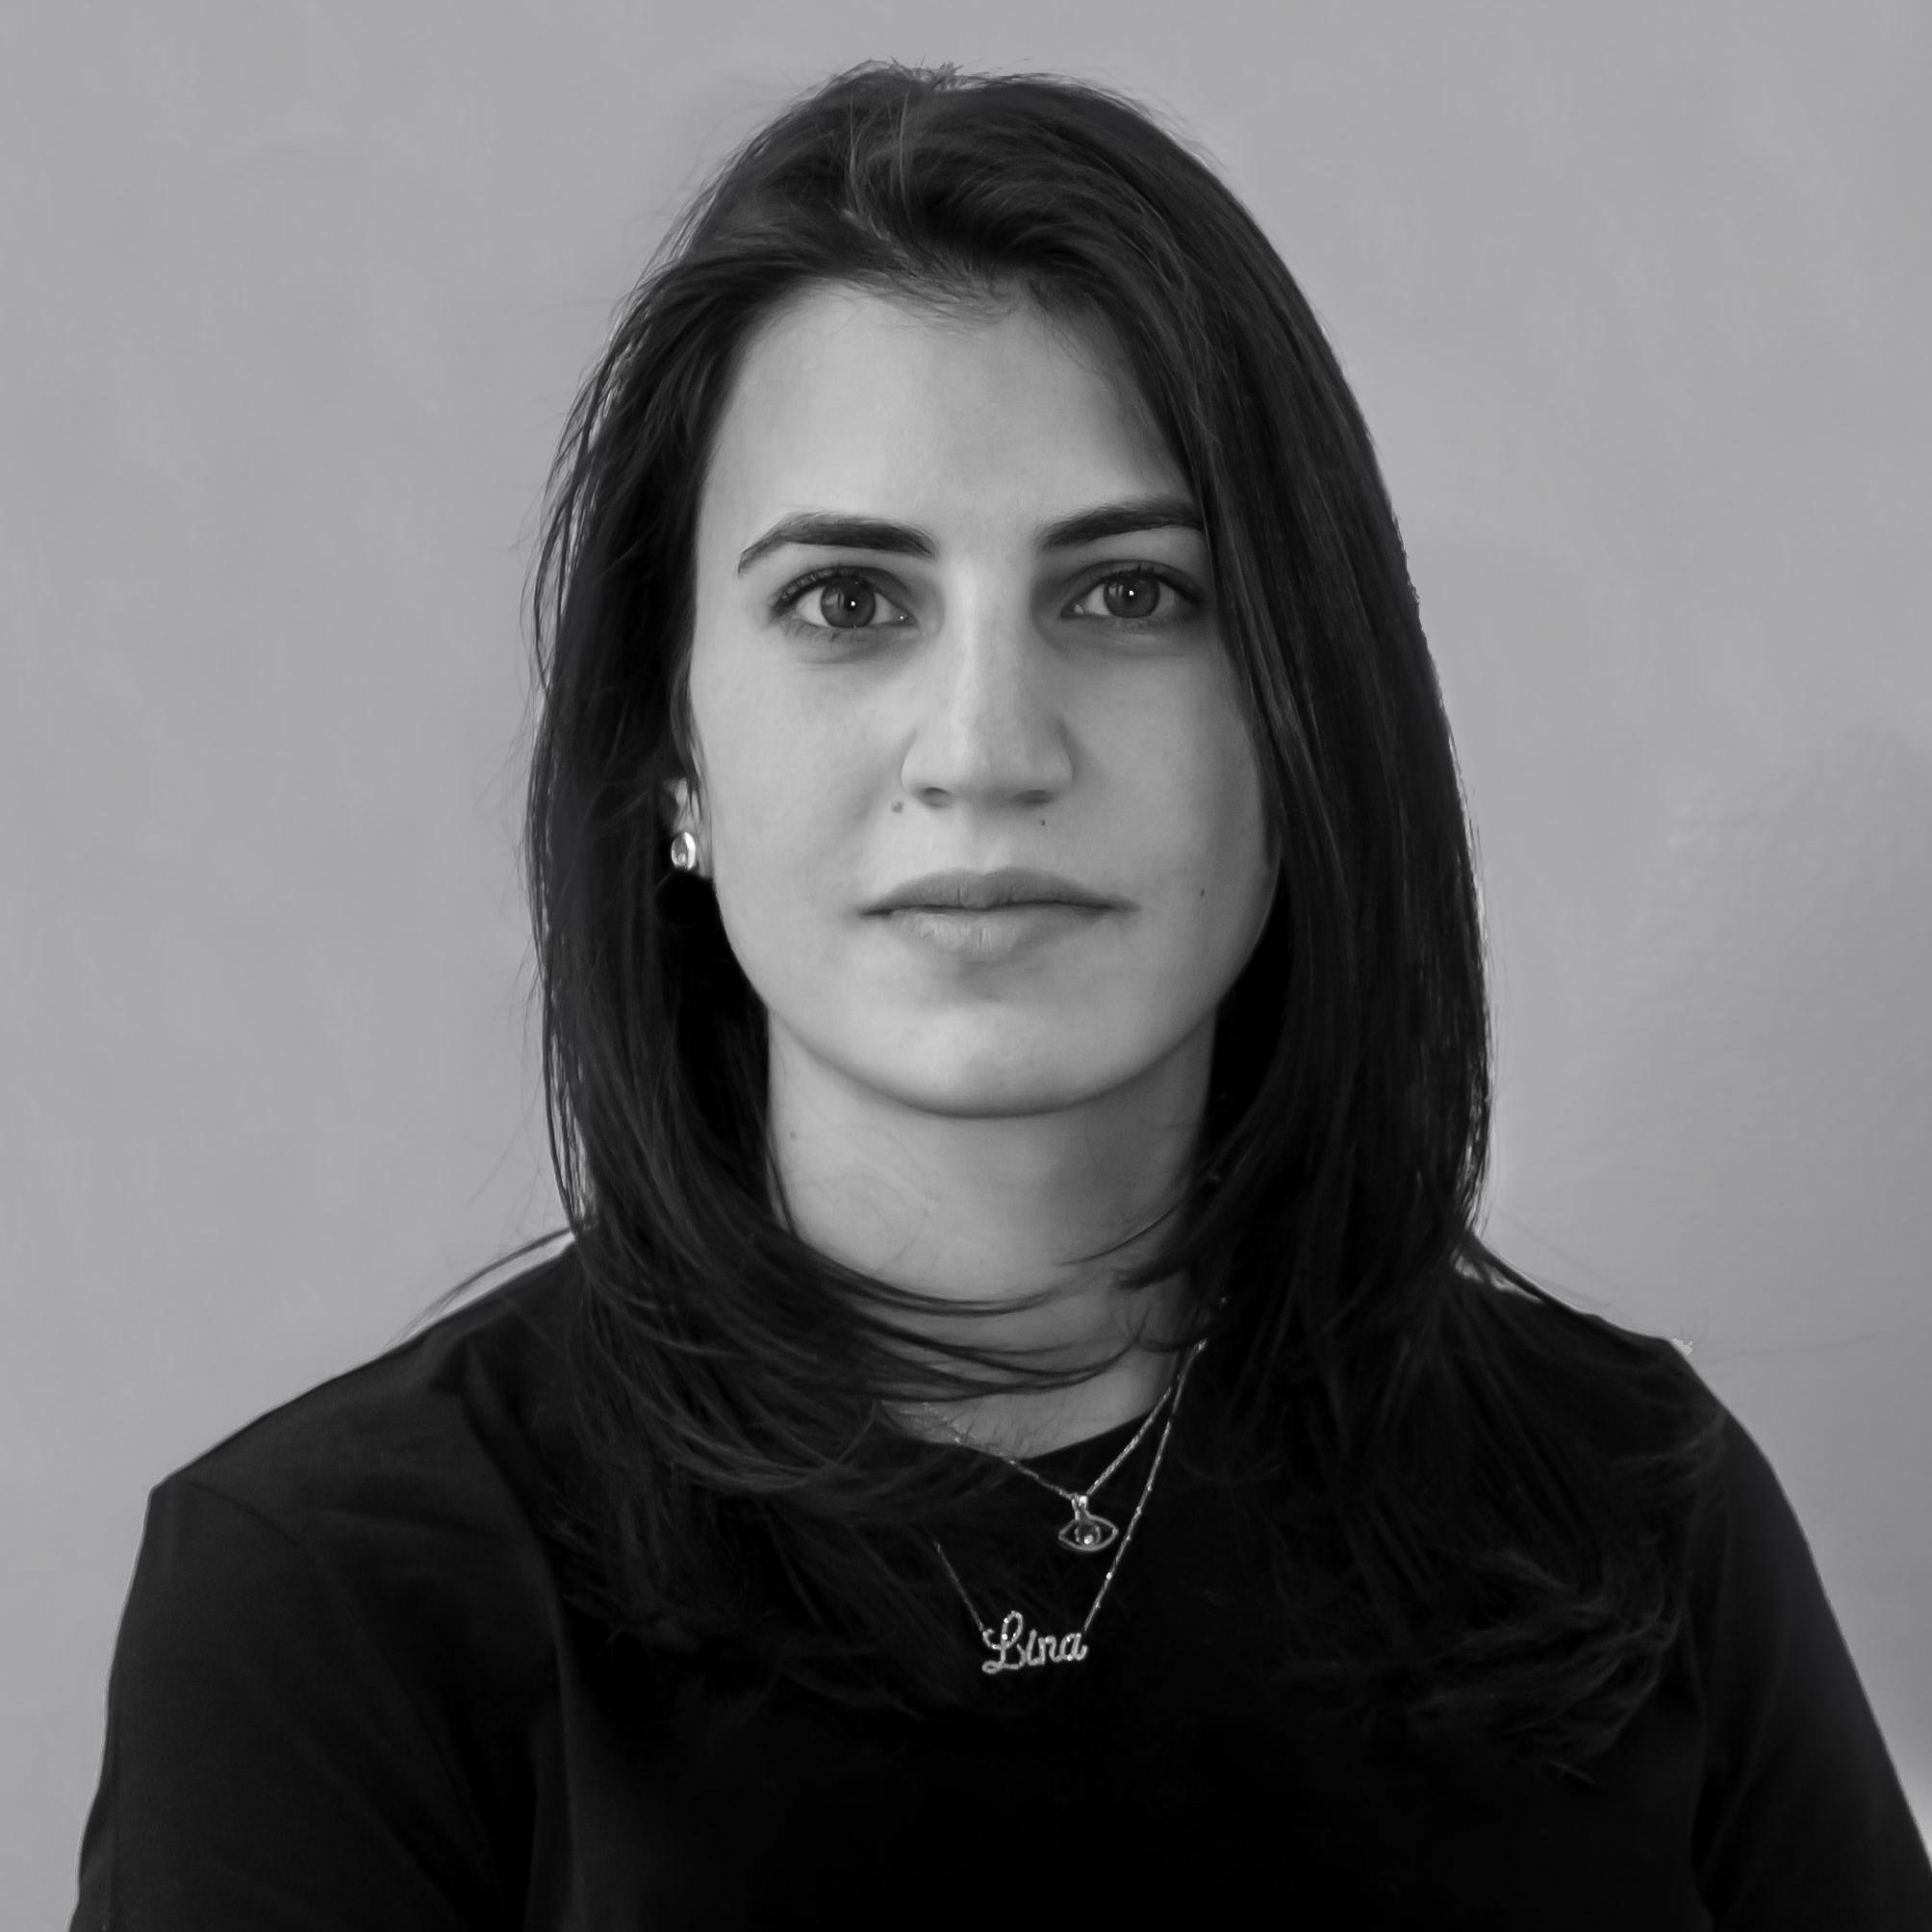 lina siman - Realizó sus estudios en Arquitectura y Diseño en la Universidad Iberoamericana de la Ciudad de México, desarrollando un gusto personal por el interiorismo.En 2013 se incorporó al equipo de RCH, volviéndose pieza clave del despacho, lo que la llevo a convertirse en socia en el año 2016, formando CHAIN + SIMAN arquitectura e interiores.